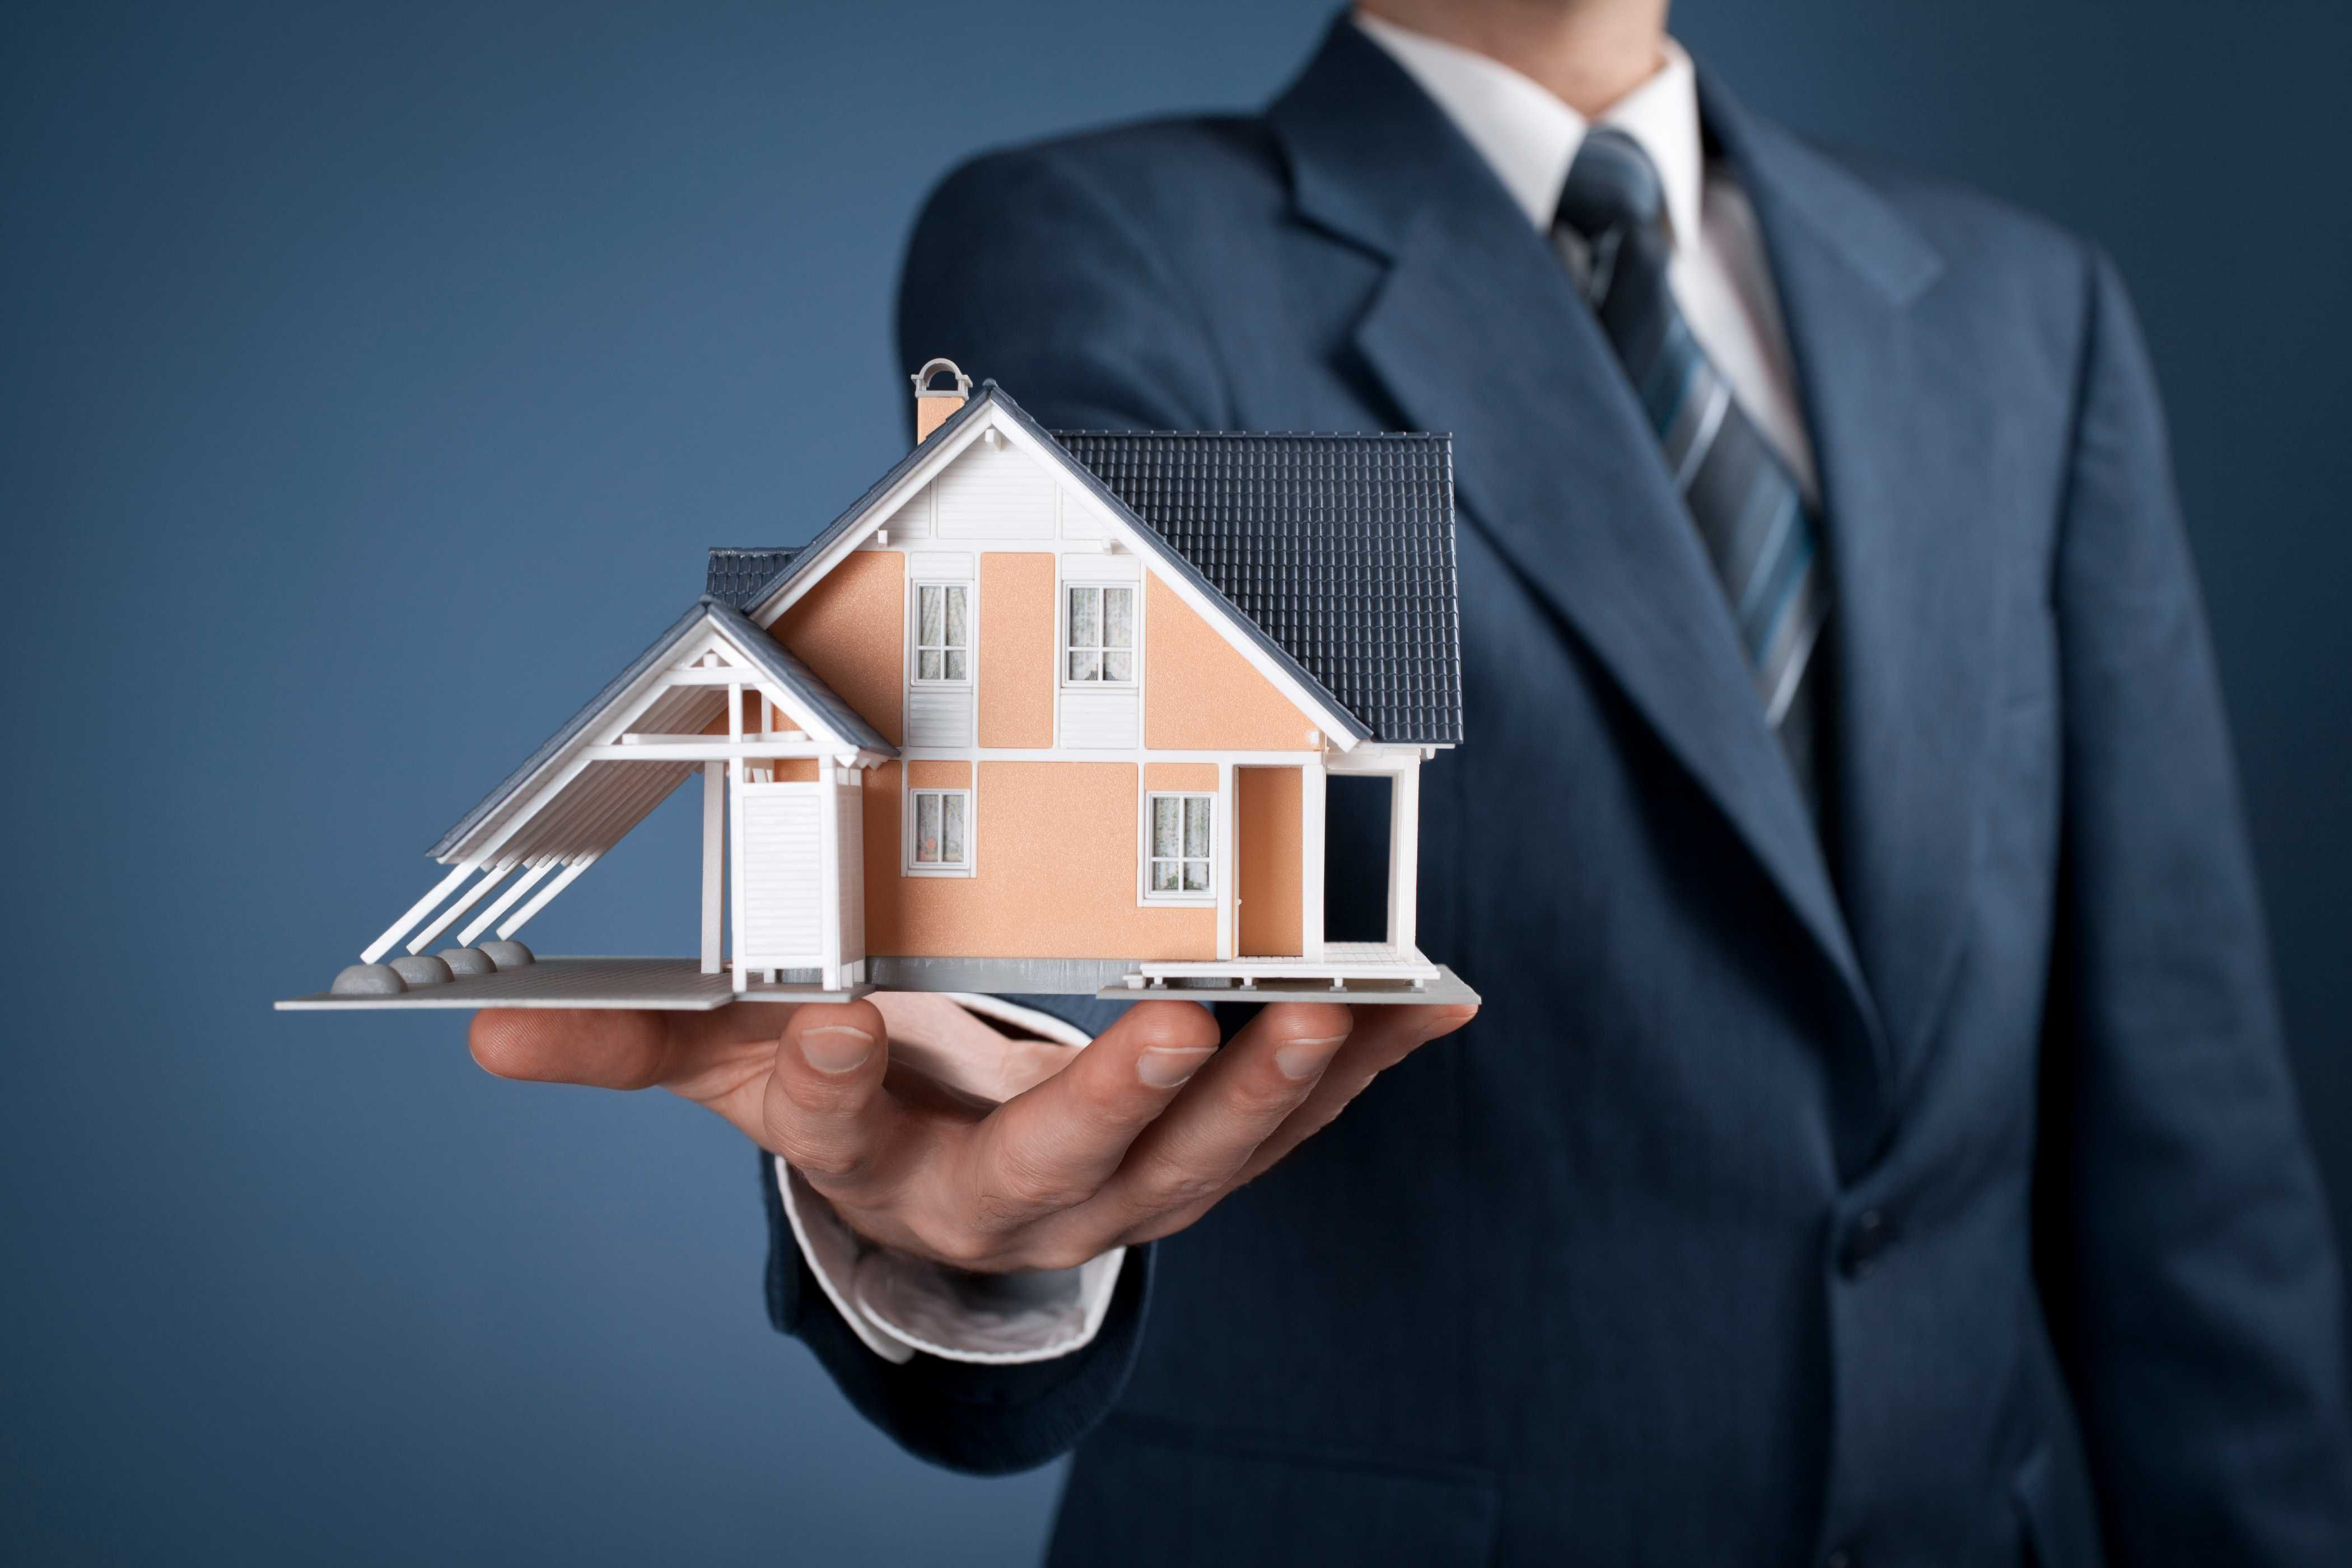 房企加速抢滩长租公寓市场 三大压力或致面